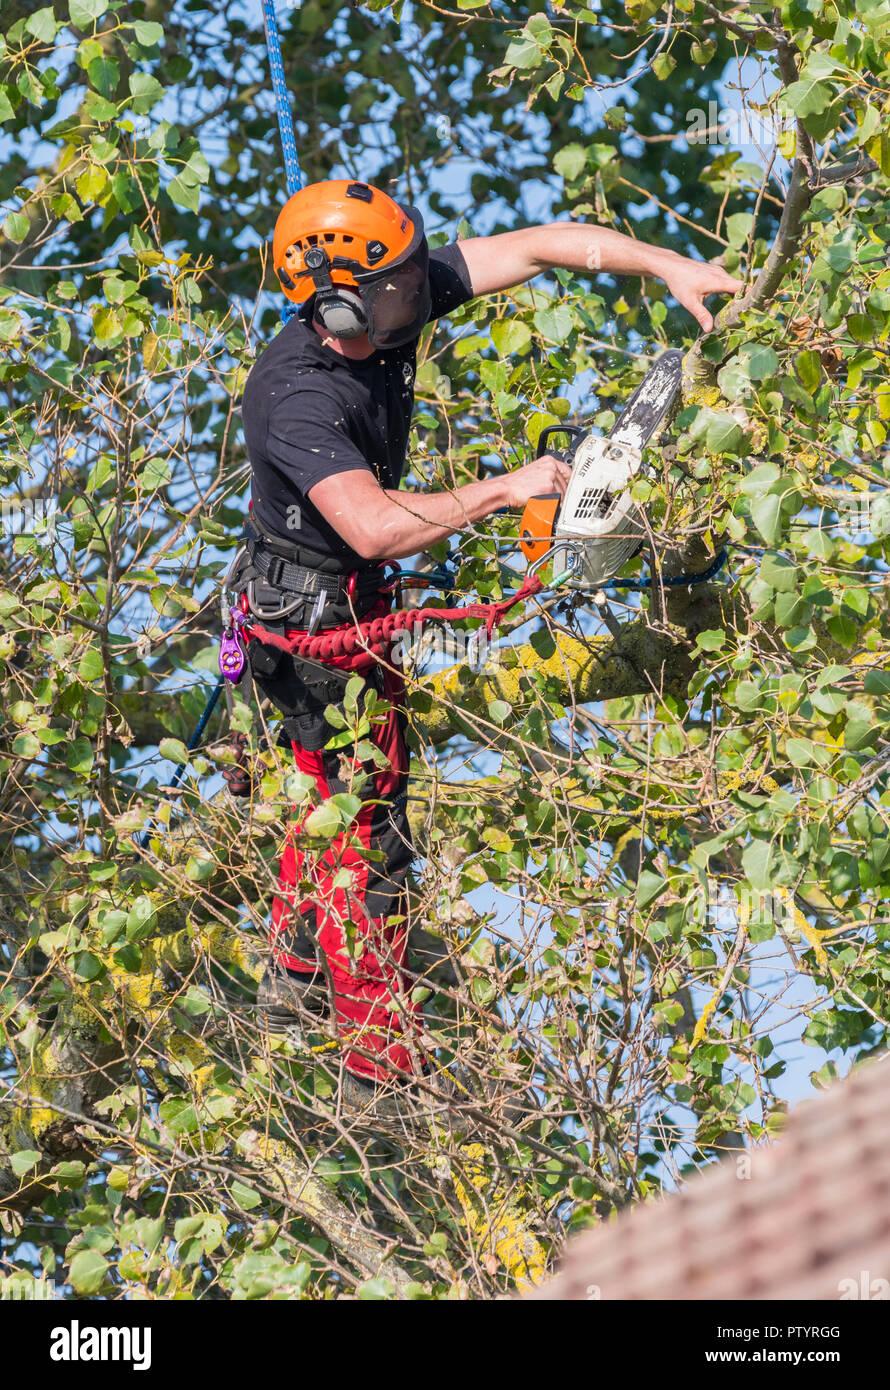 Abatteur d'arbres dans un arbre en automne, garanti par une corde, à l'aide d'une scie pour couper un arbre, au Royaume-Uni. La chirurgie de l'arbre. L'abattage des arbres. Tree Surgeon. Tree Surgeon. Photo Stock